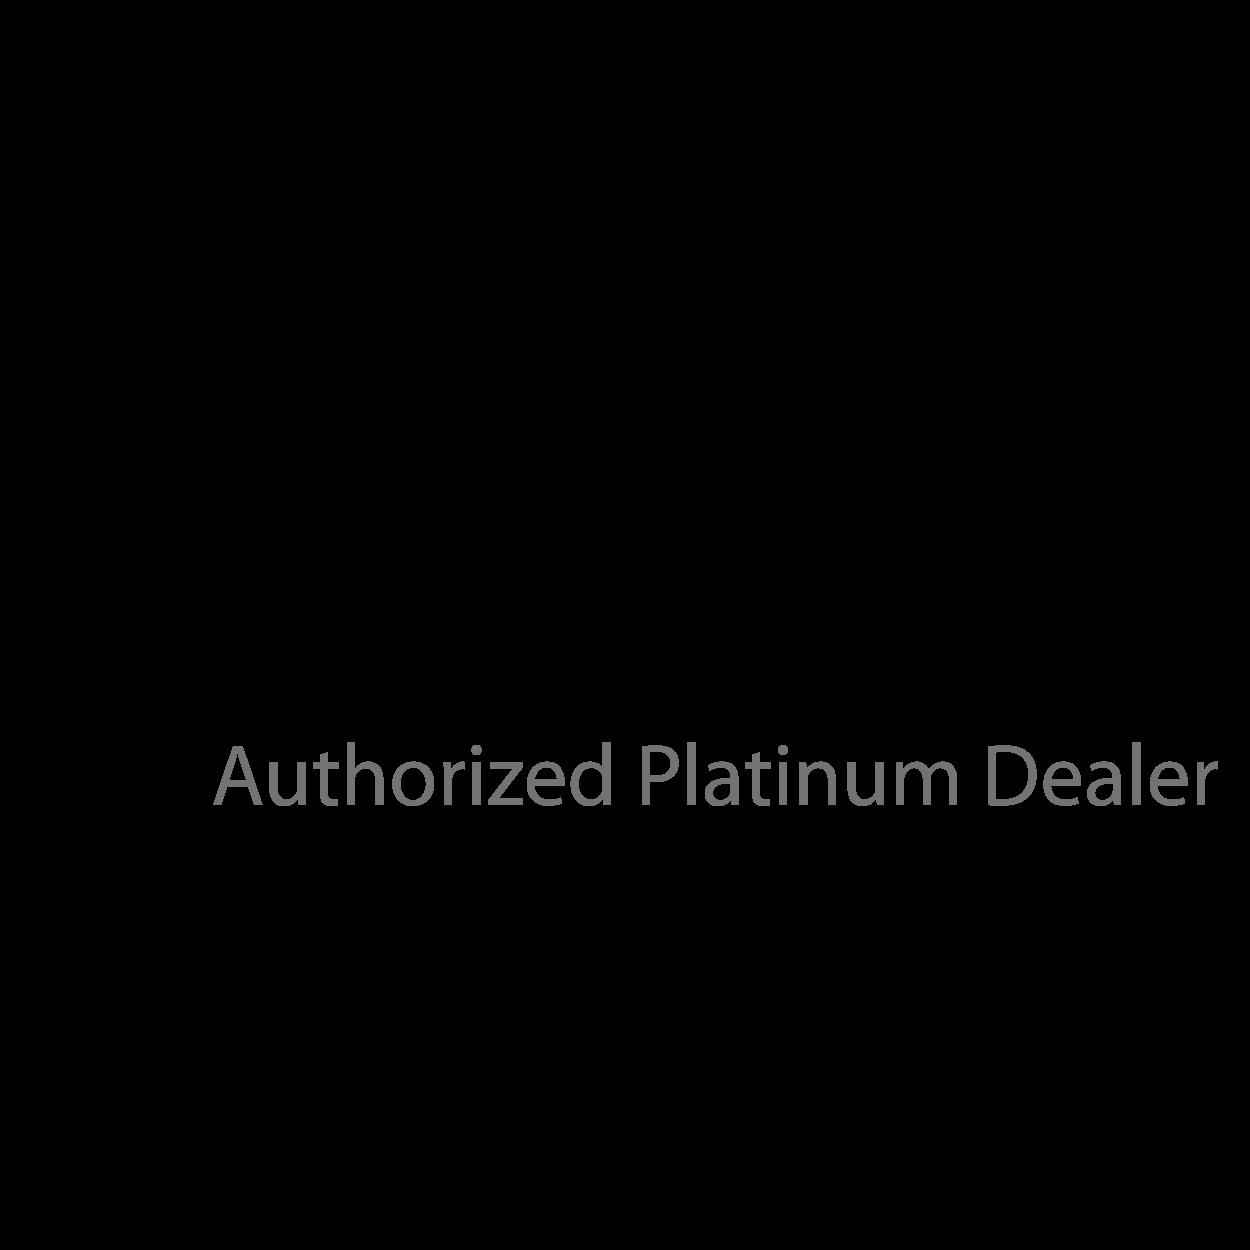 lutron-platinum